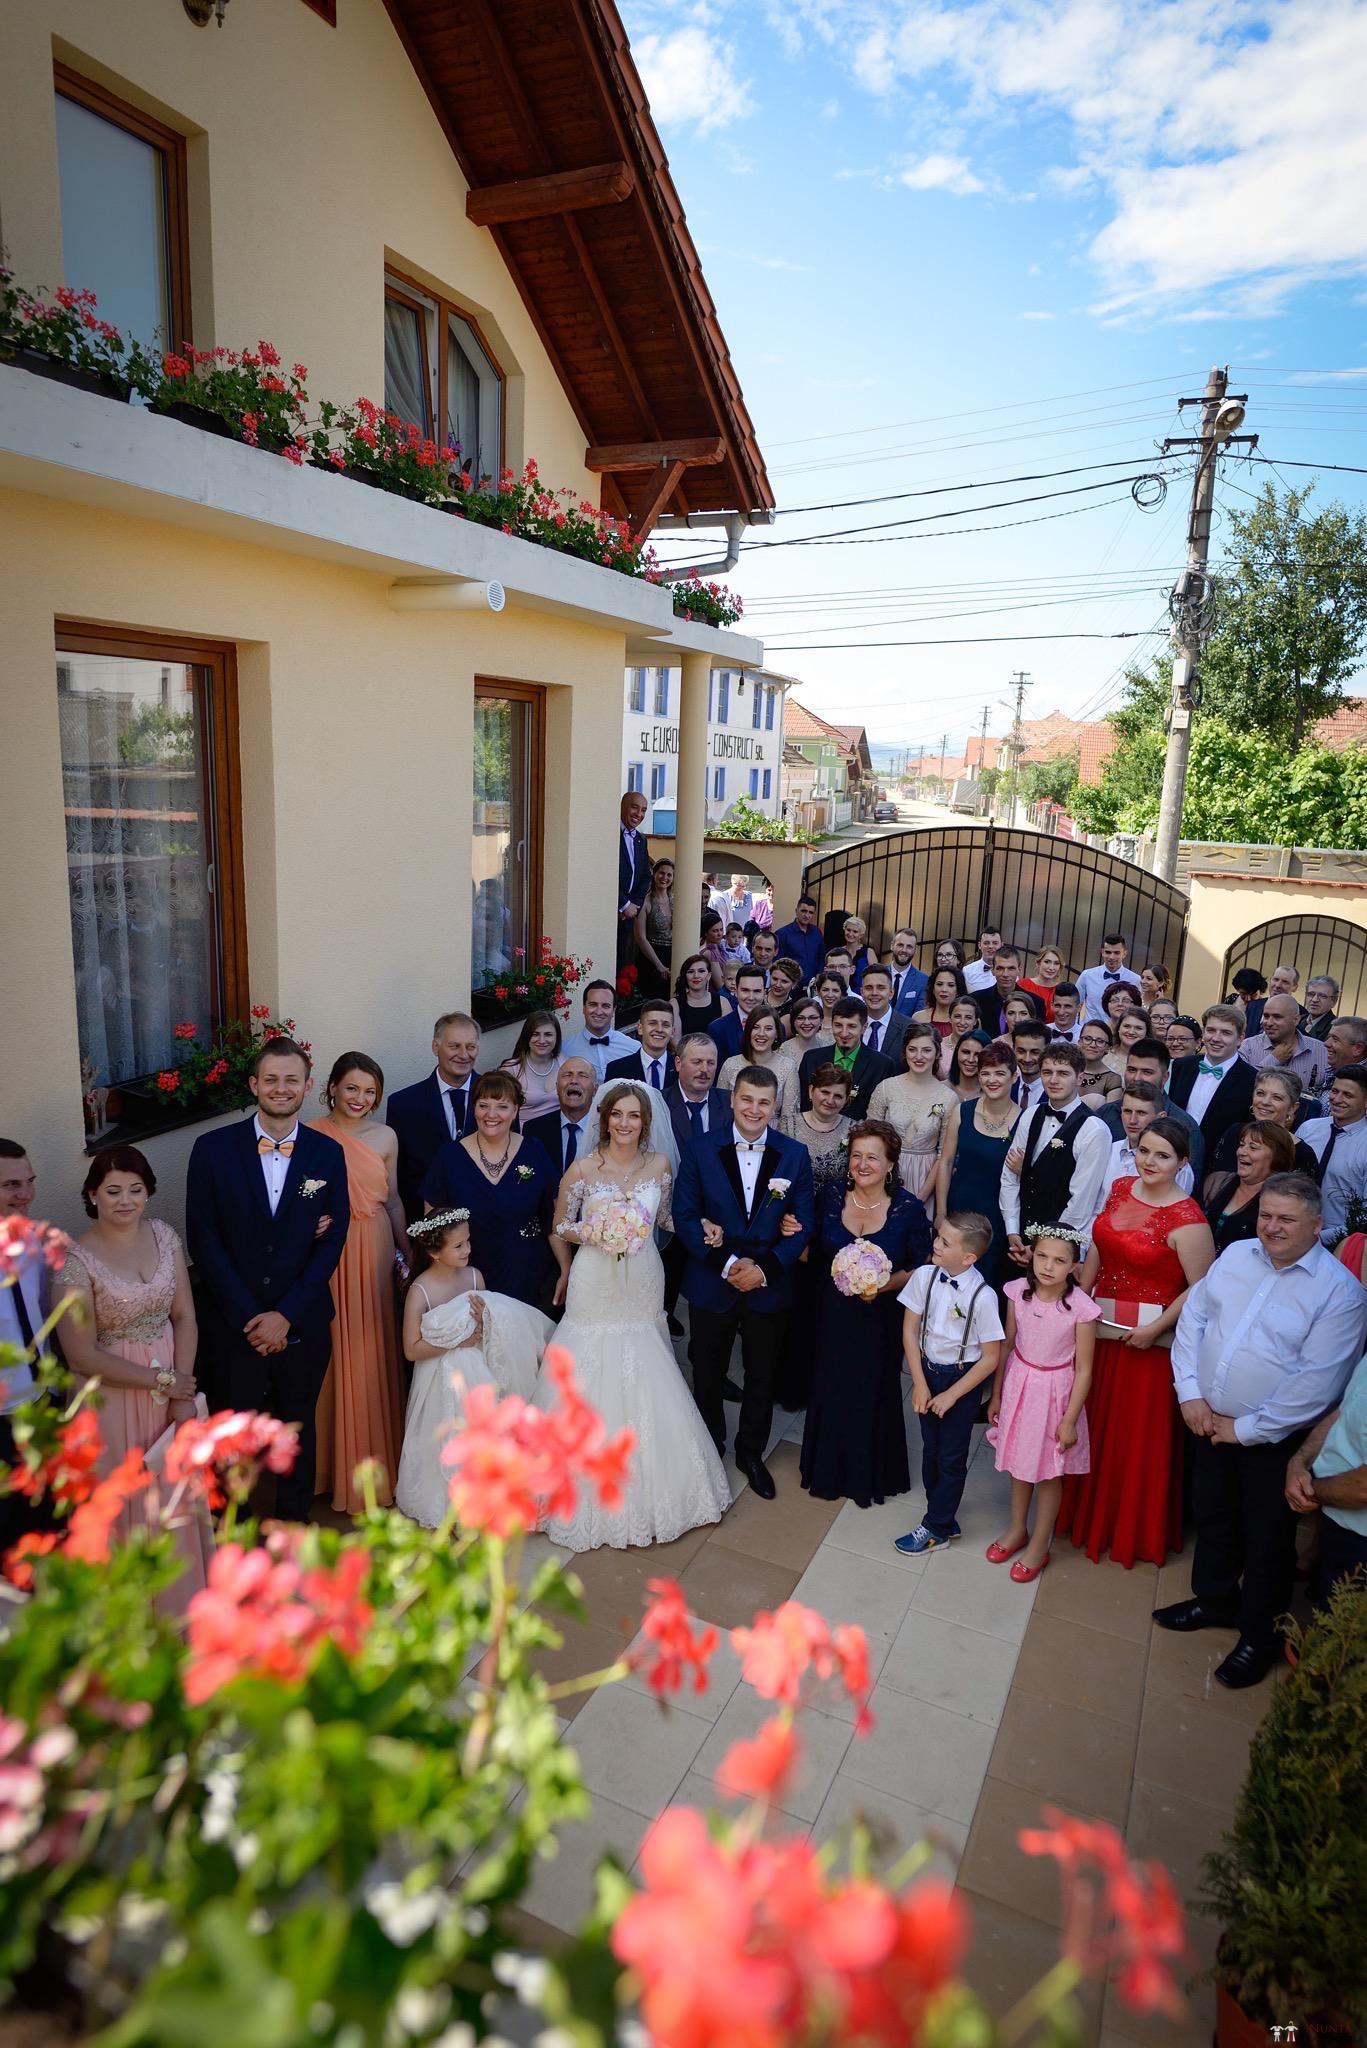 Povești Nunți Tradiționale - Constantin și Simona-Marilena. Nuntă tradițională în Căpâlna, Alba 35